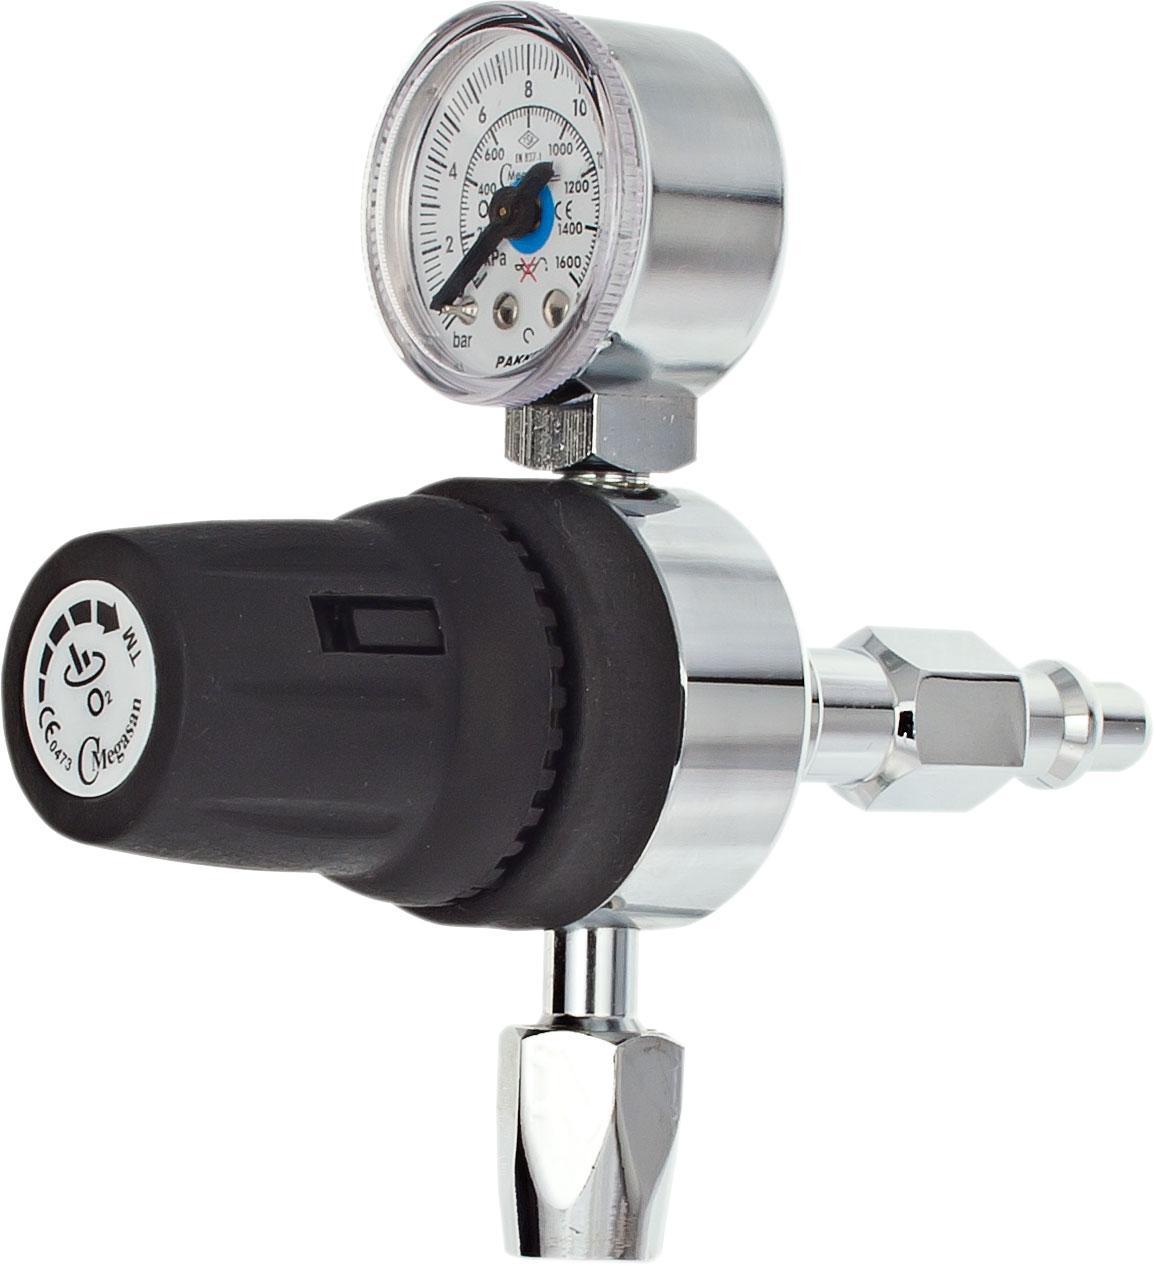 Регулятор низкого давления центральной системы кислорода - DIN